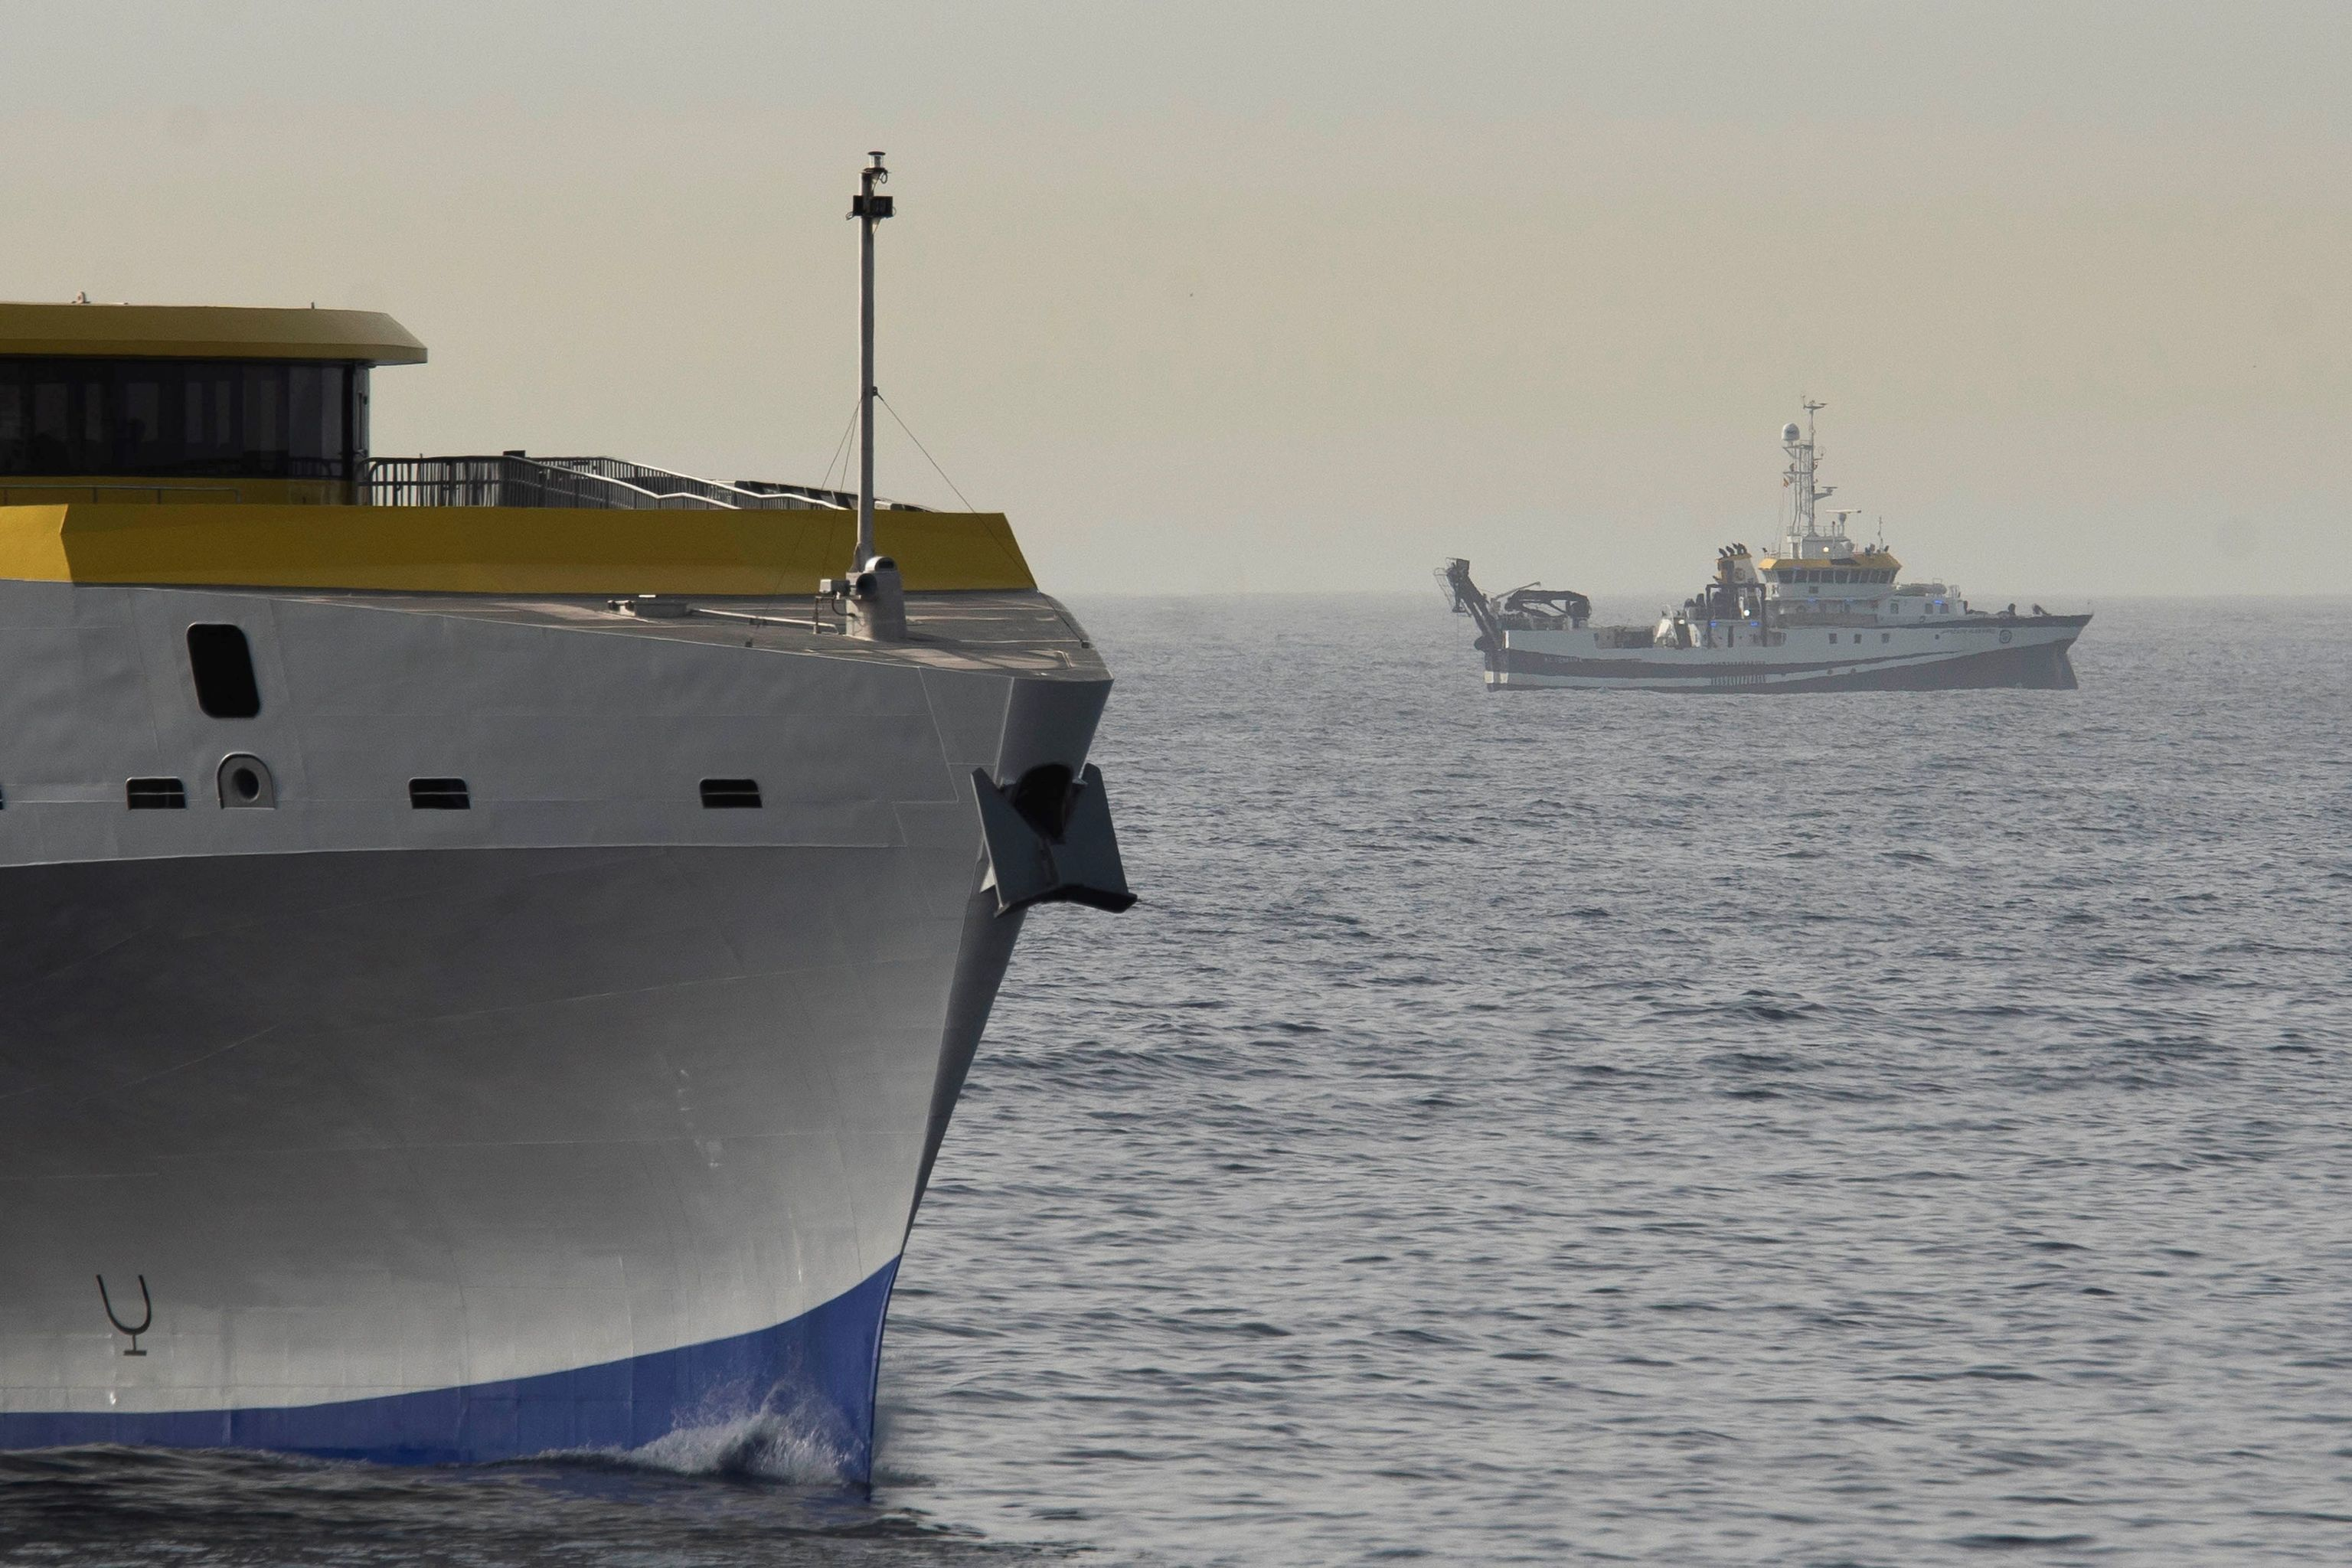 El buque del Instituto Español de Oceanografía 'Ángeles Alvariño', este viernes frente a las costas de Tenerife.